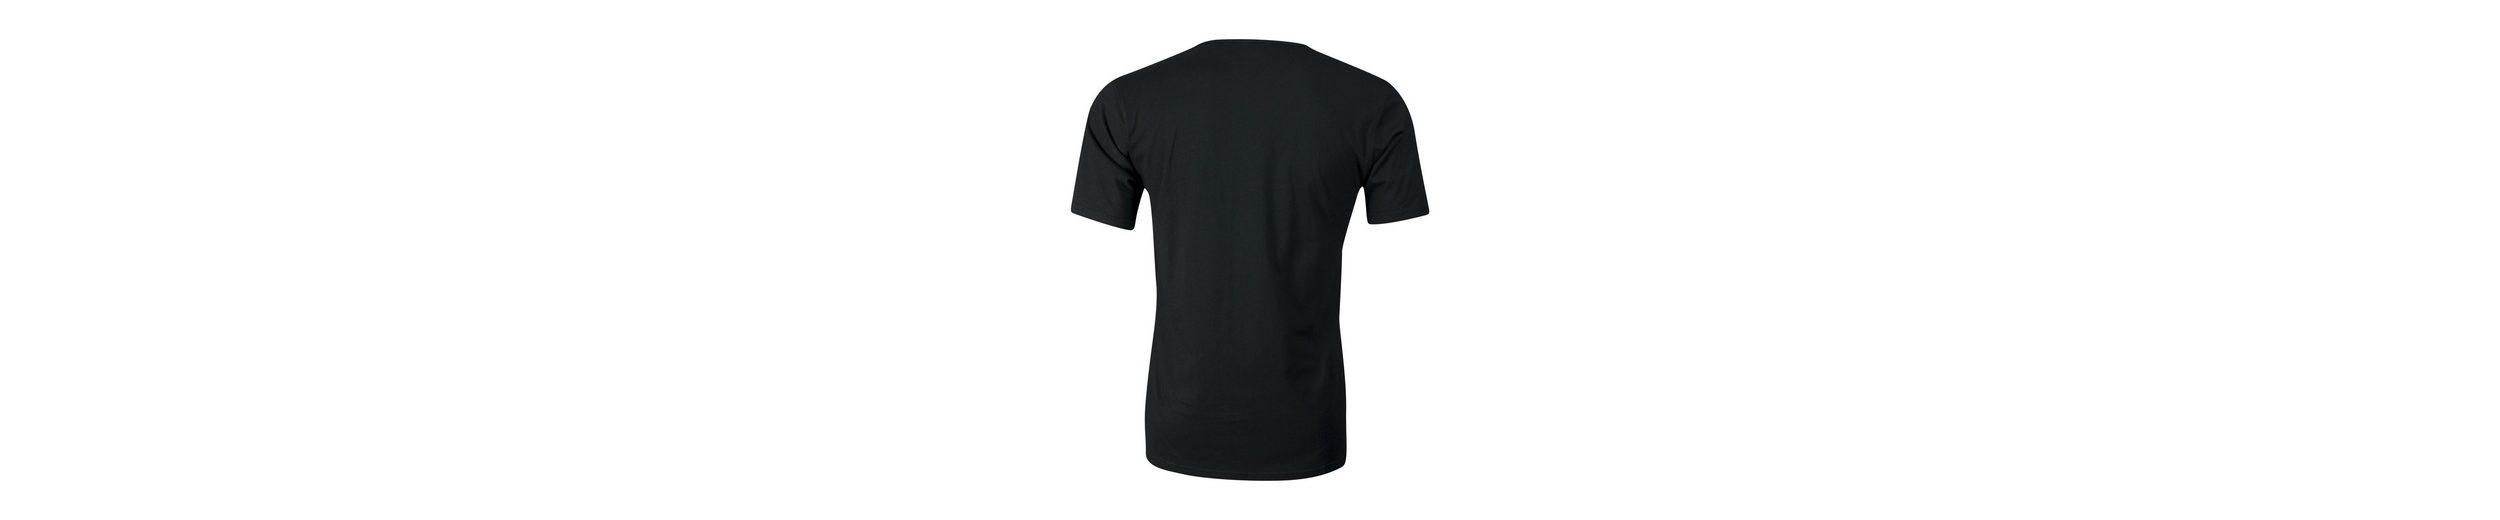 T ORIGINAL Shirt T Lonsdale Lonsdale 1960 Shirt Lonsdale ORIGINAL 1960 ORIGINAL Lonsdale Shirt T T 1960 Shirt qfXxRdd